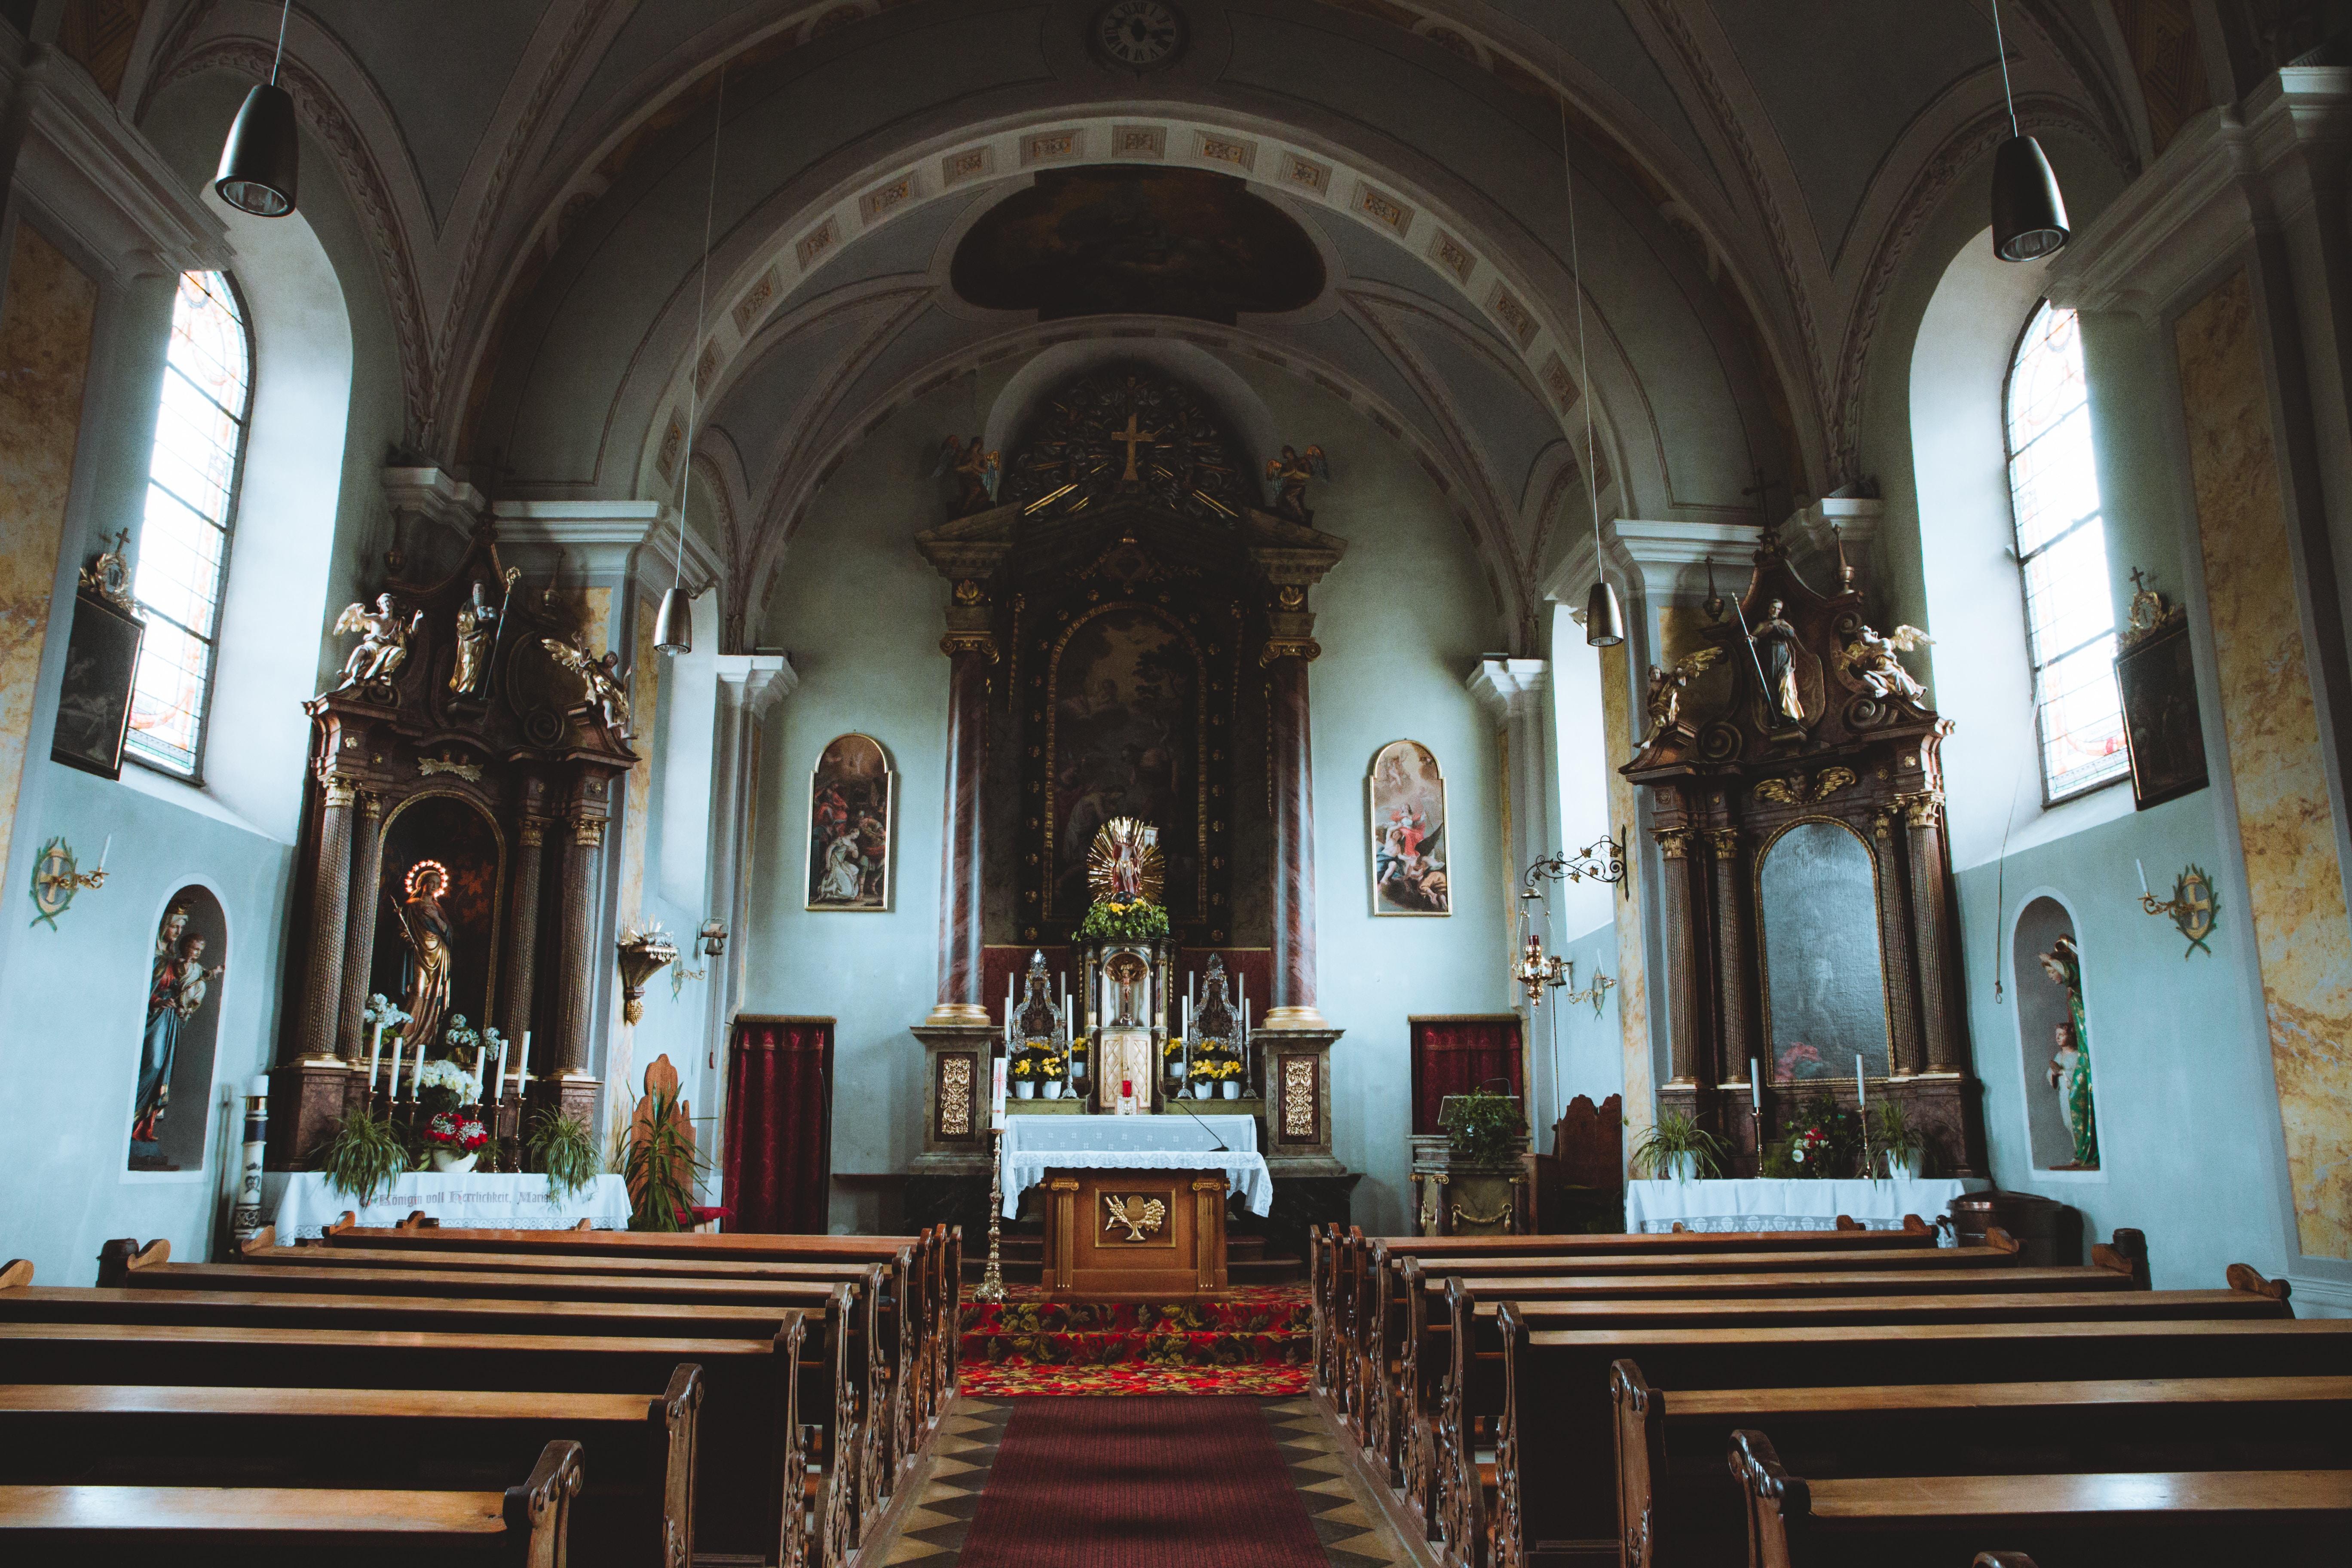 brown church pew inside a blue church